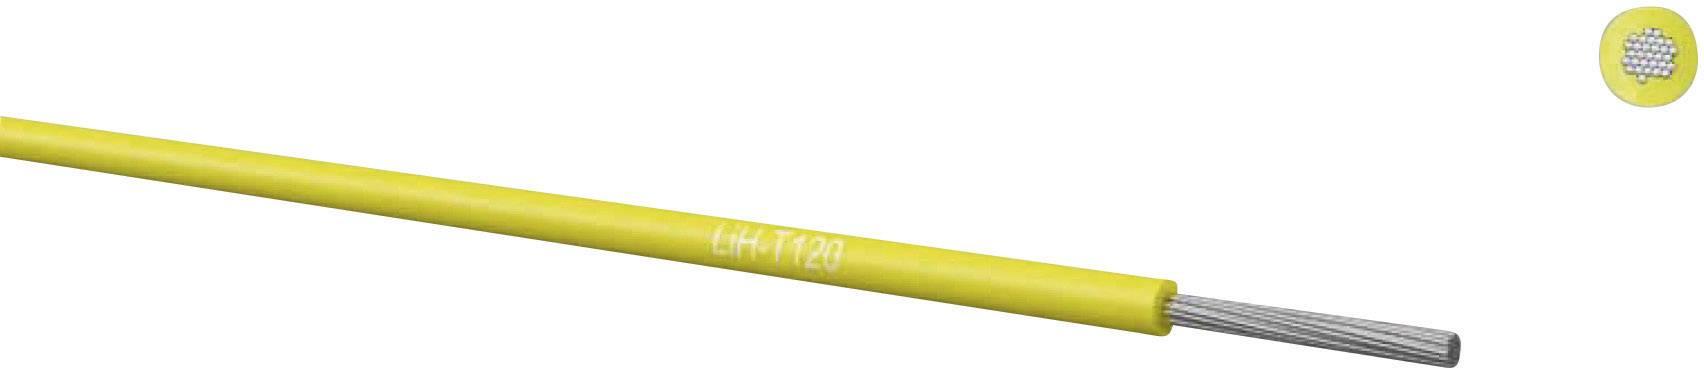 Opletenie / lanko Kabeltronik 65005008 LiH-T, 1 x 0.50 mm², vonkajší Ø 1.50 mm, metrový tovar, červená